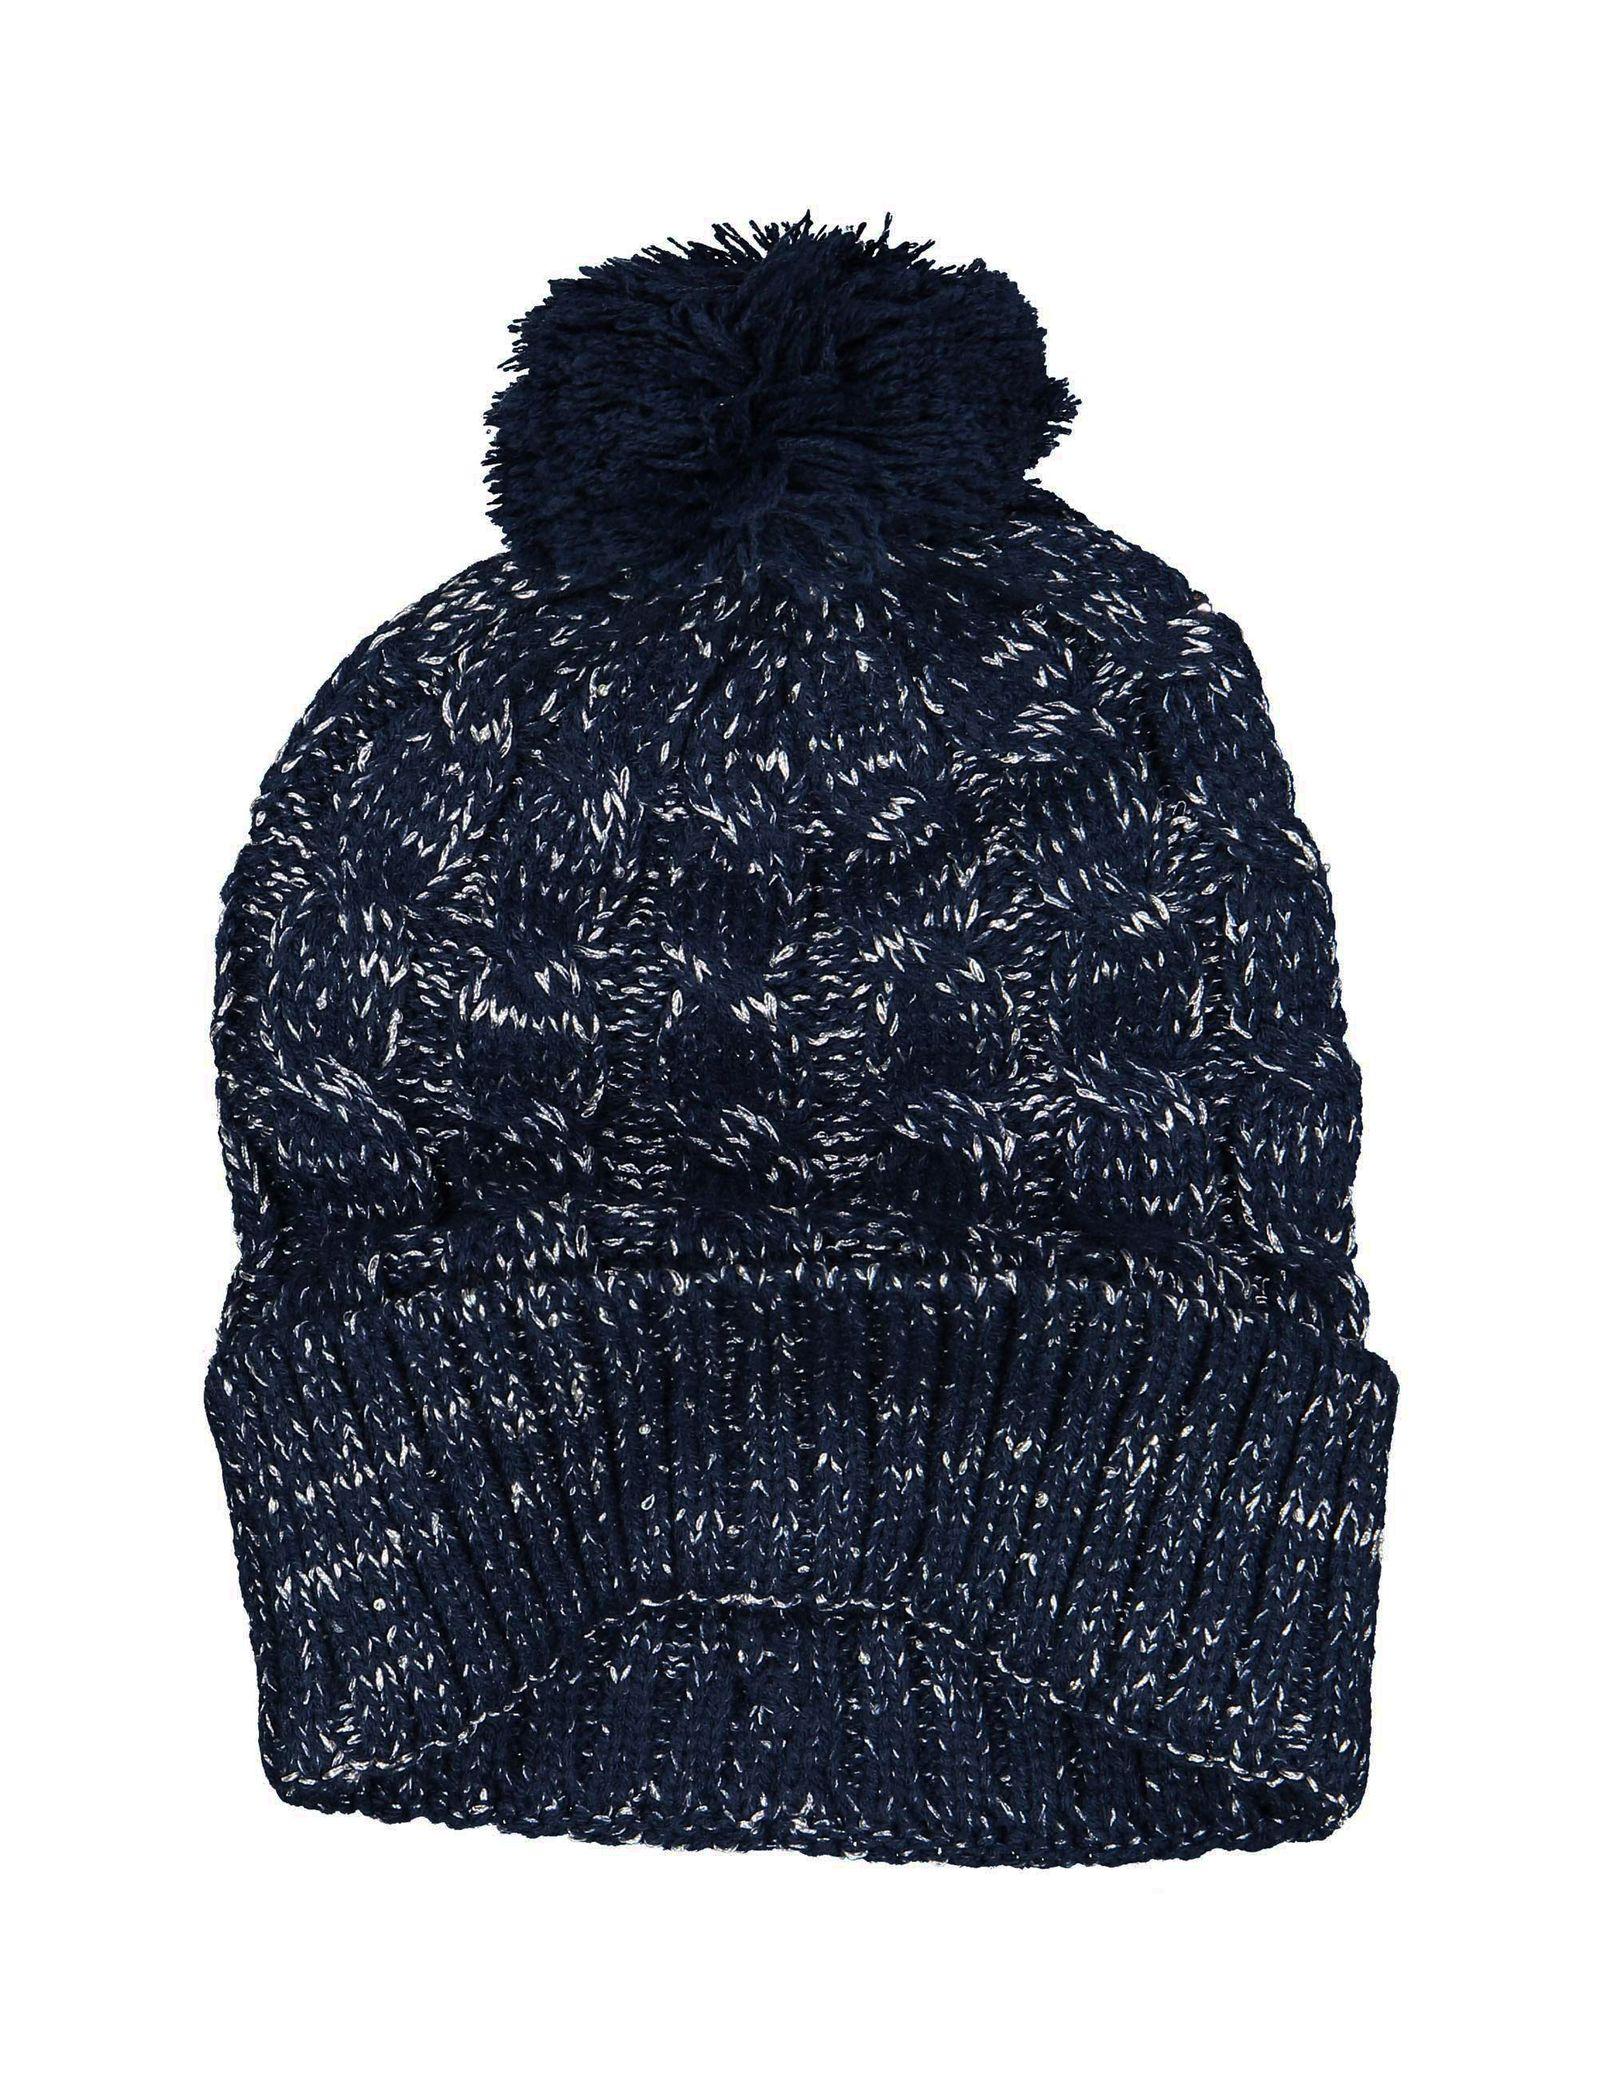 کلاه بافتنی دخترانه - تیفوسی - سرمه اي - 2